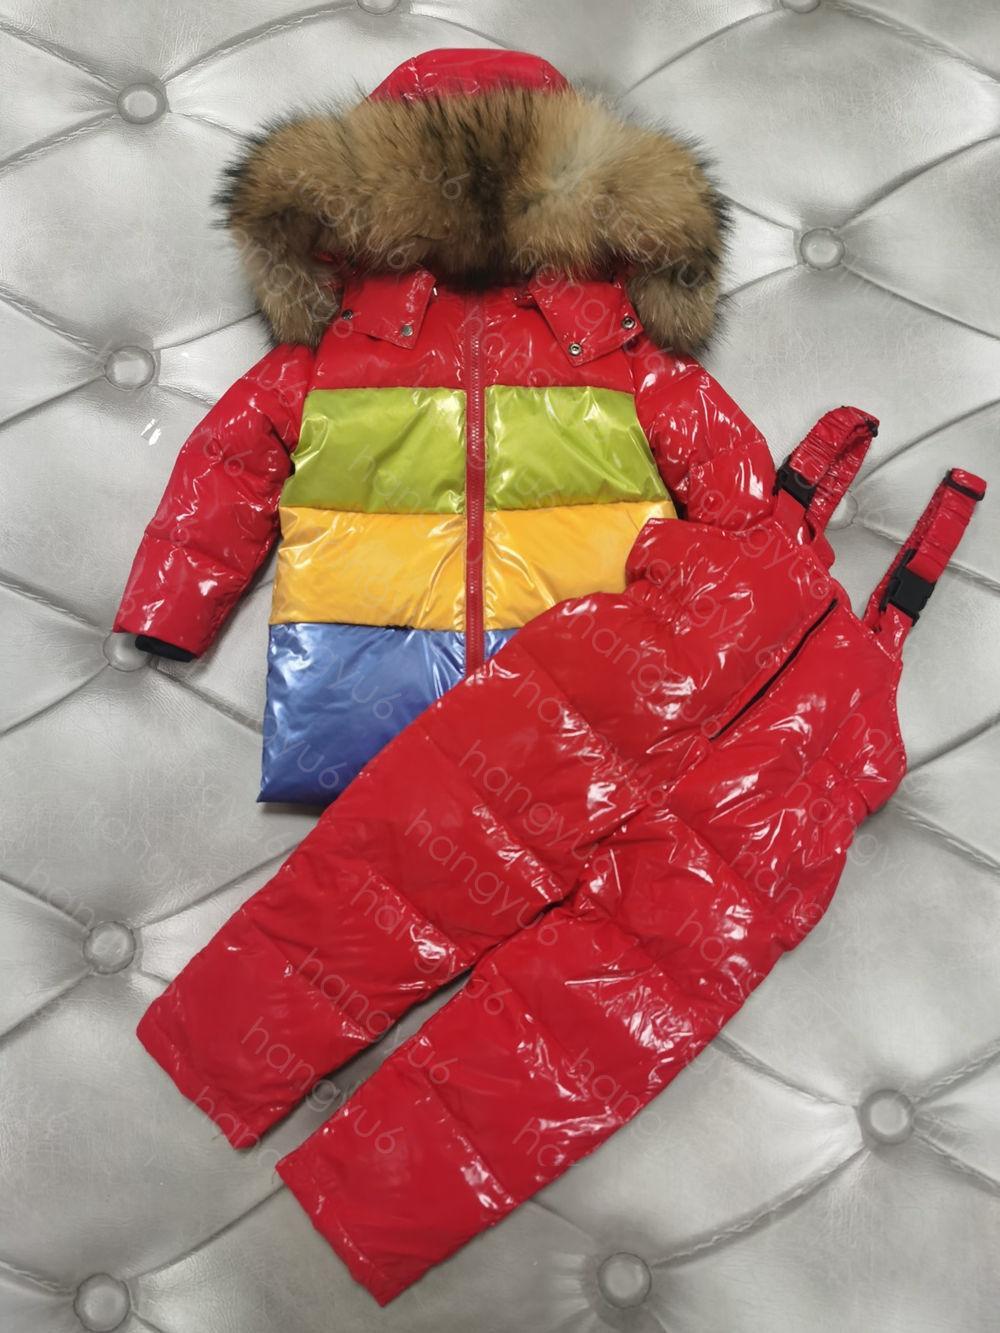 Niños recién nacidos bebé abajo chaqueta gruesa cálida bebé niño niñas ropa chaquetas de invierno con capucha cálida ropa exterior abrigos para ropa de niños